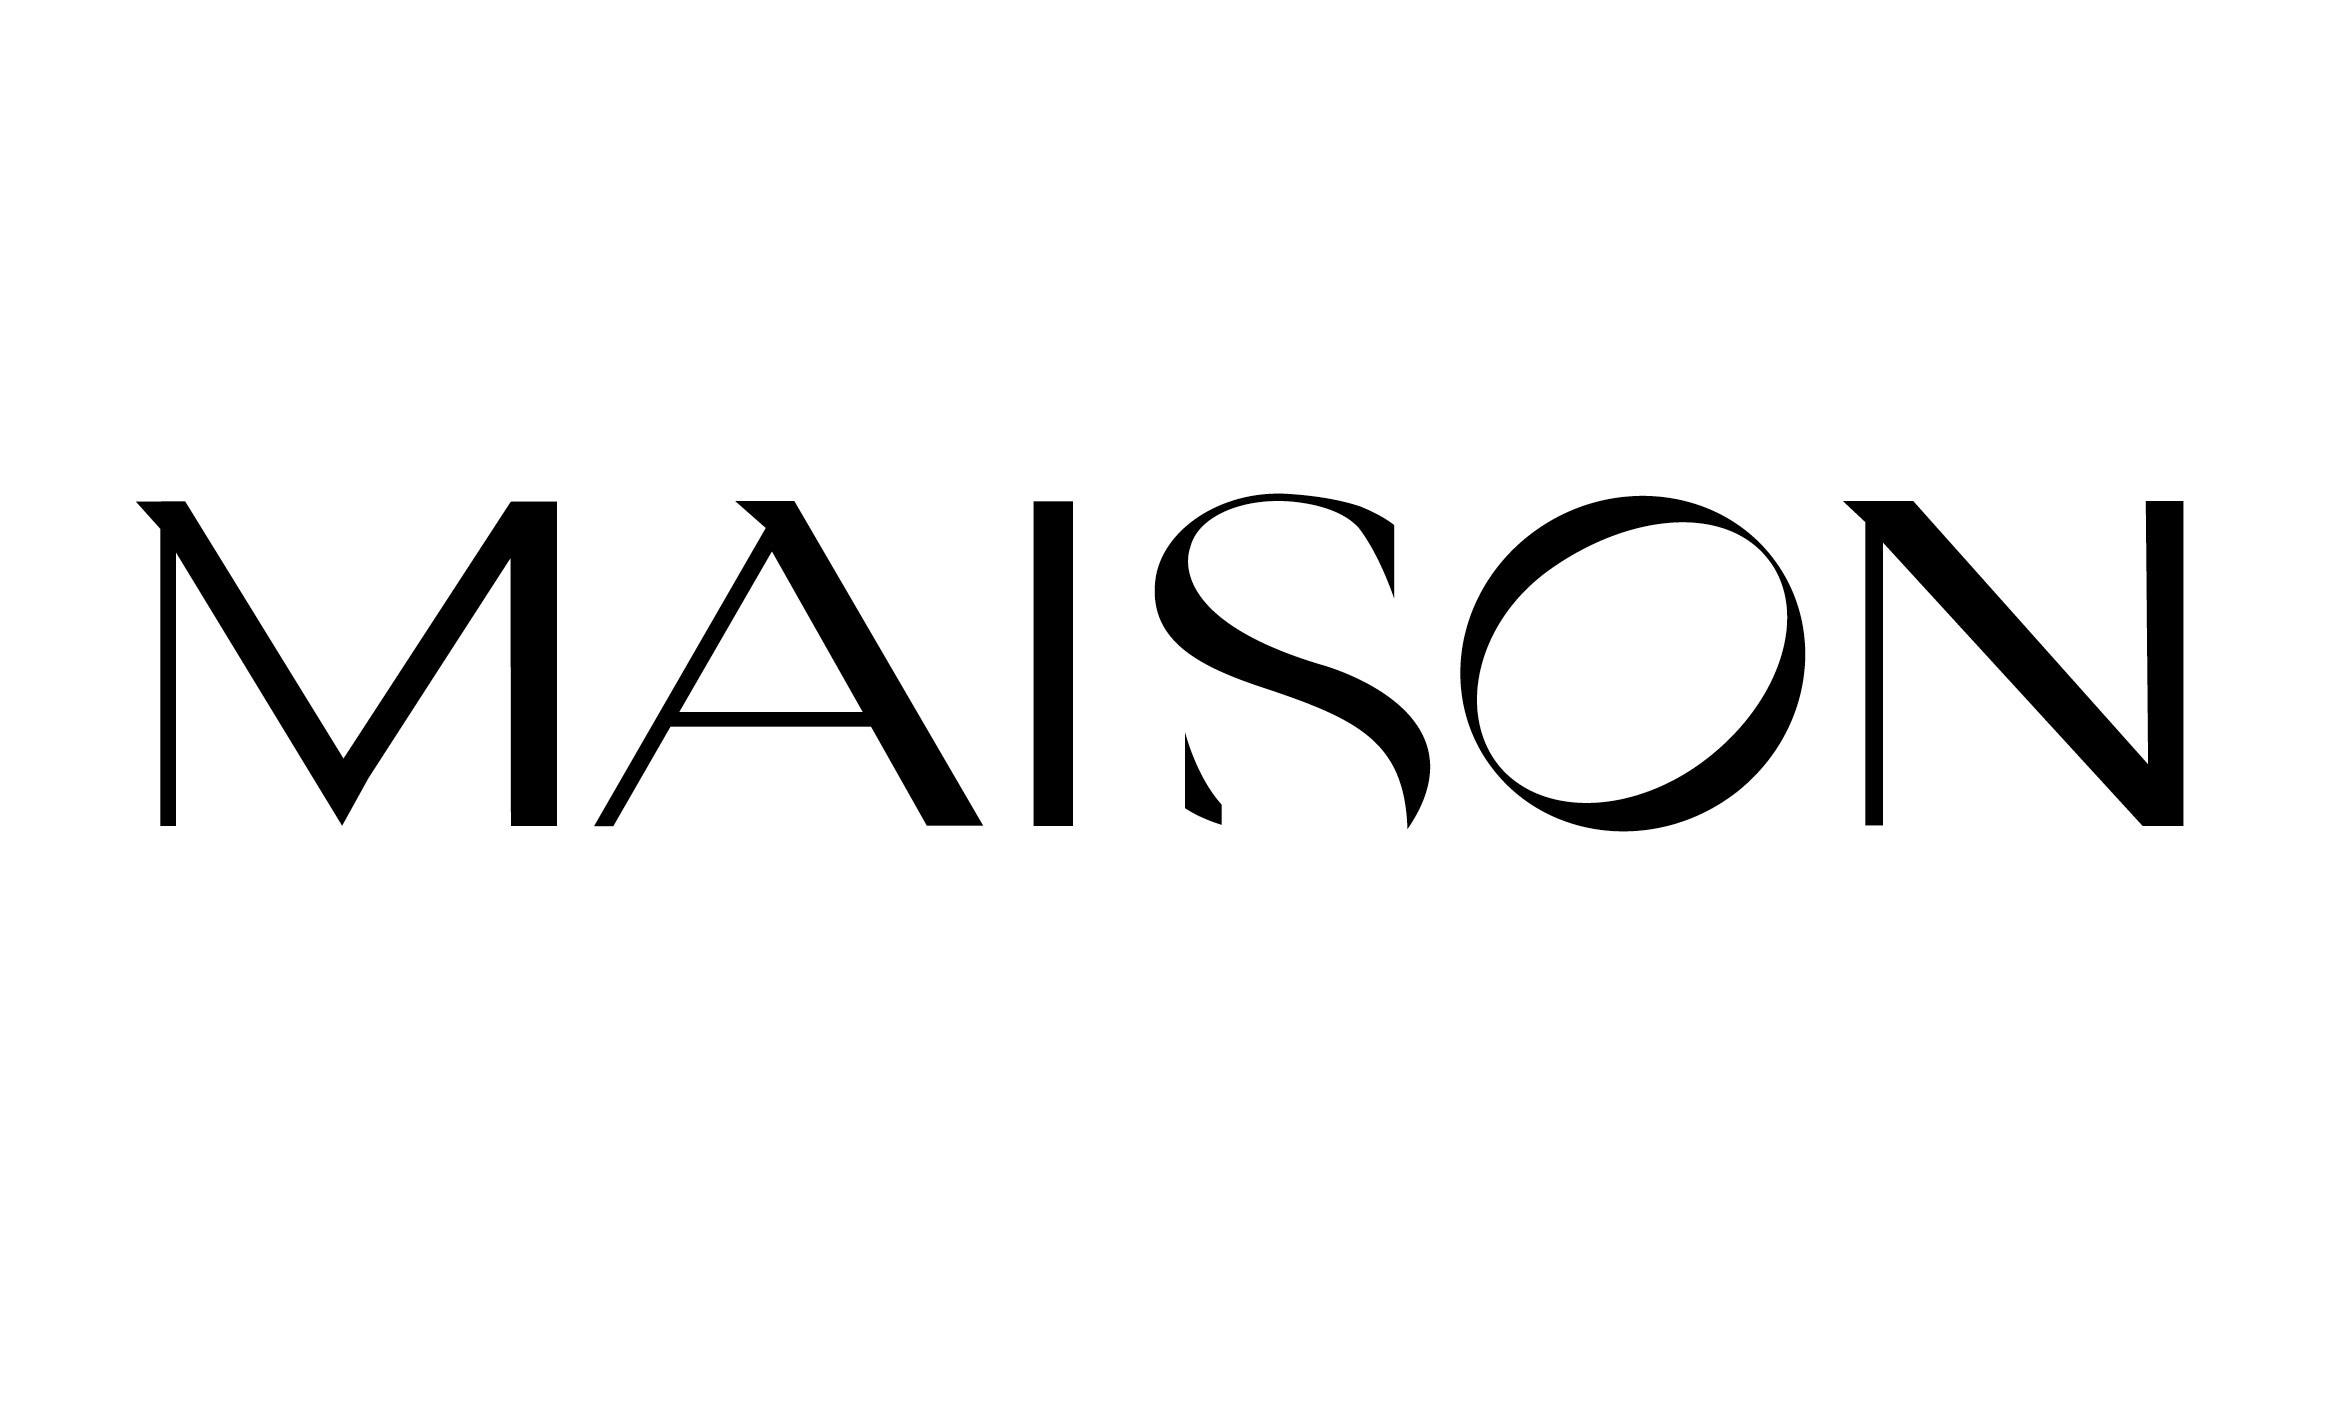 Cosi-Times-Typeface-Font-Nikolas-Wrobel-Maison